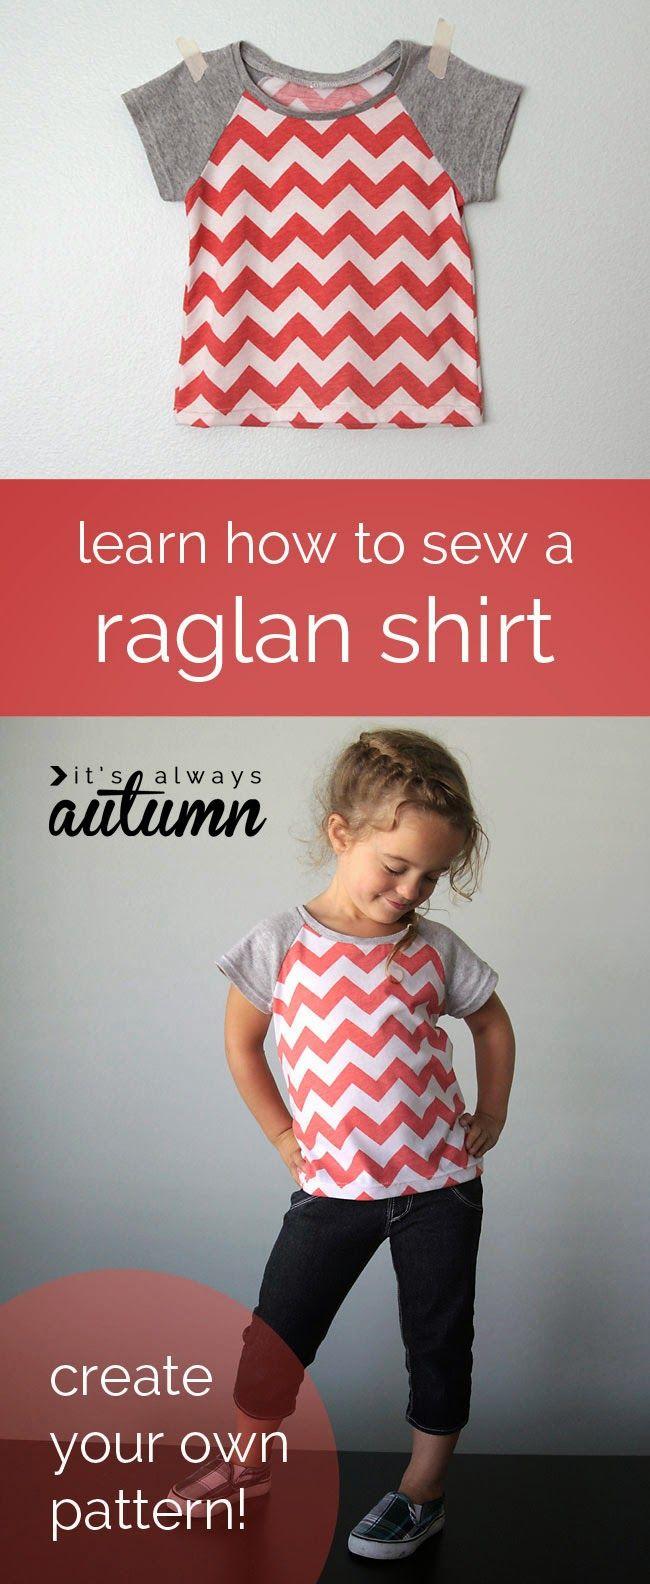 Sew Pretty Sew Free: Cute Raglan Tee Free Sewing Pattern | hmmmm ...